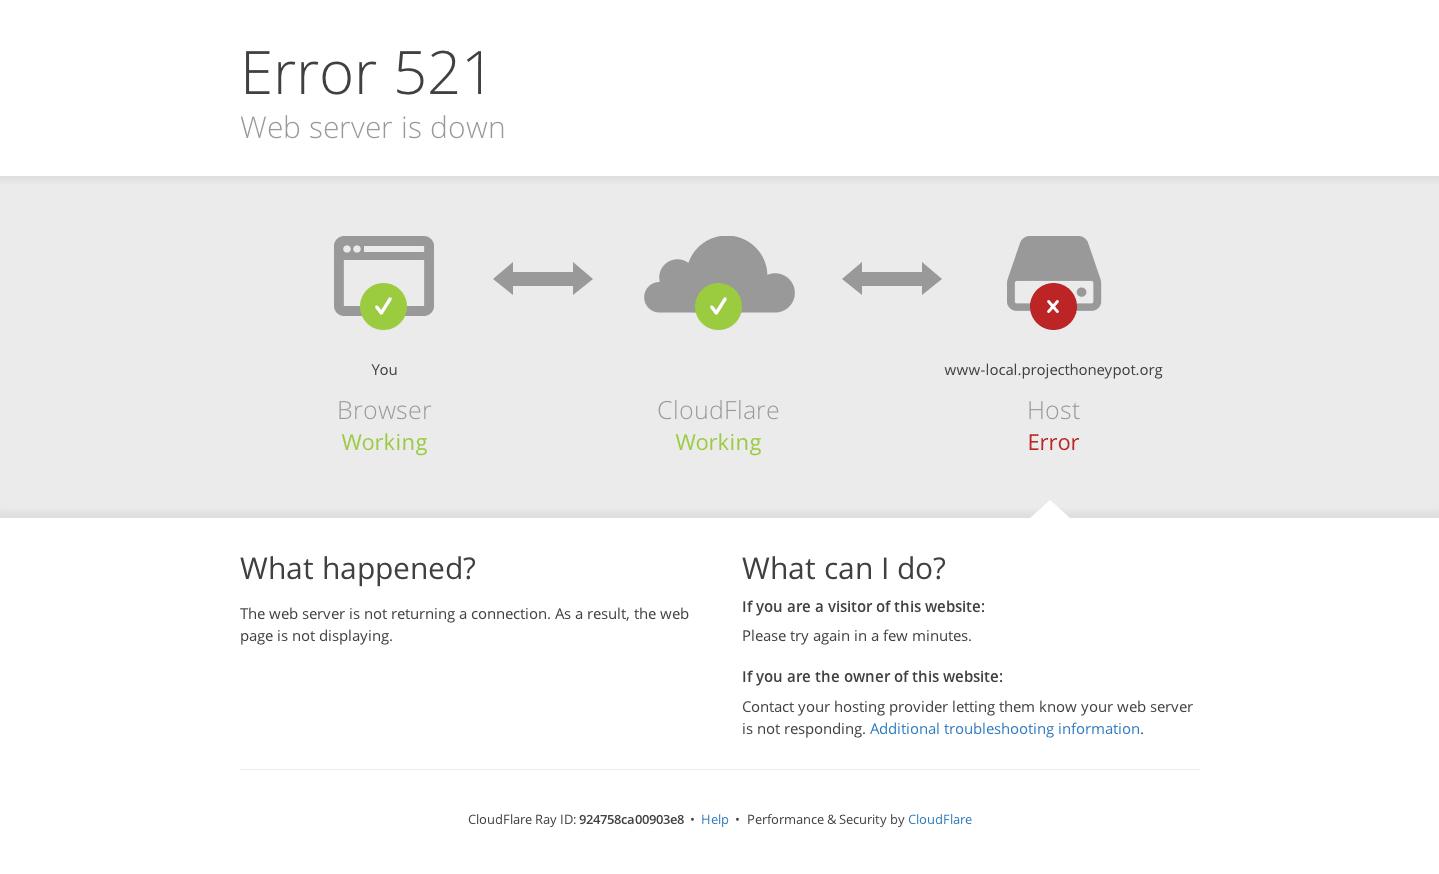 Un ejemplo del mensaje Error 521